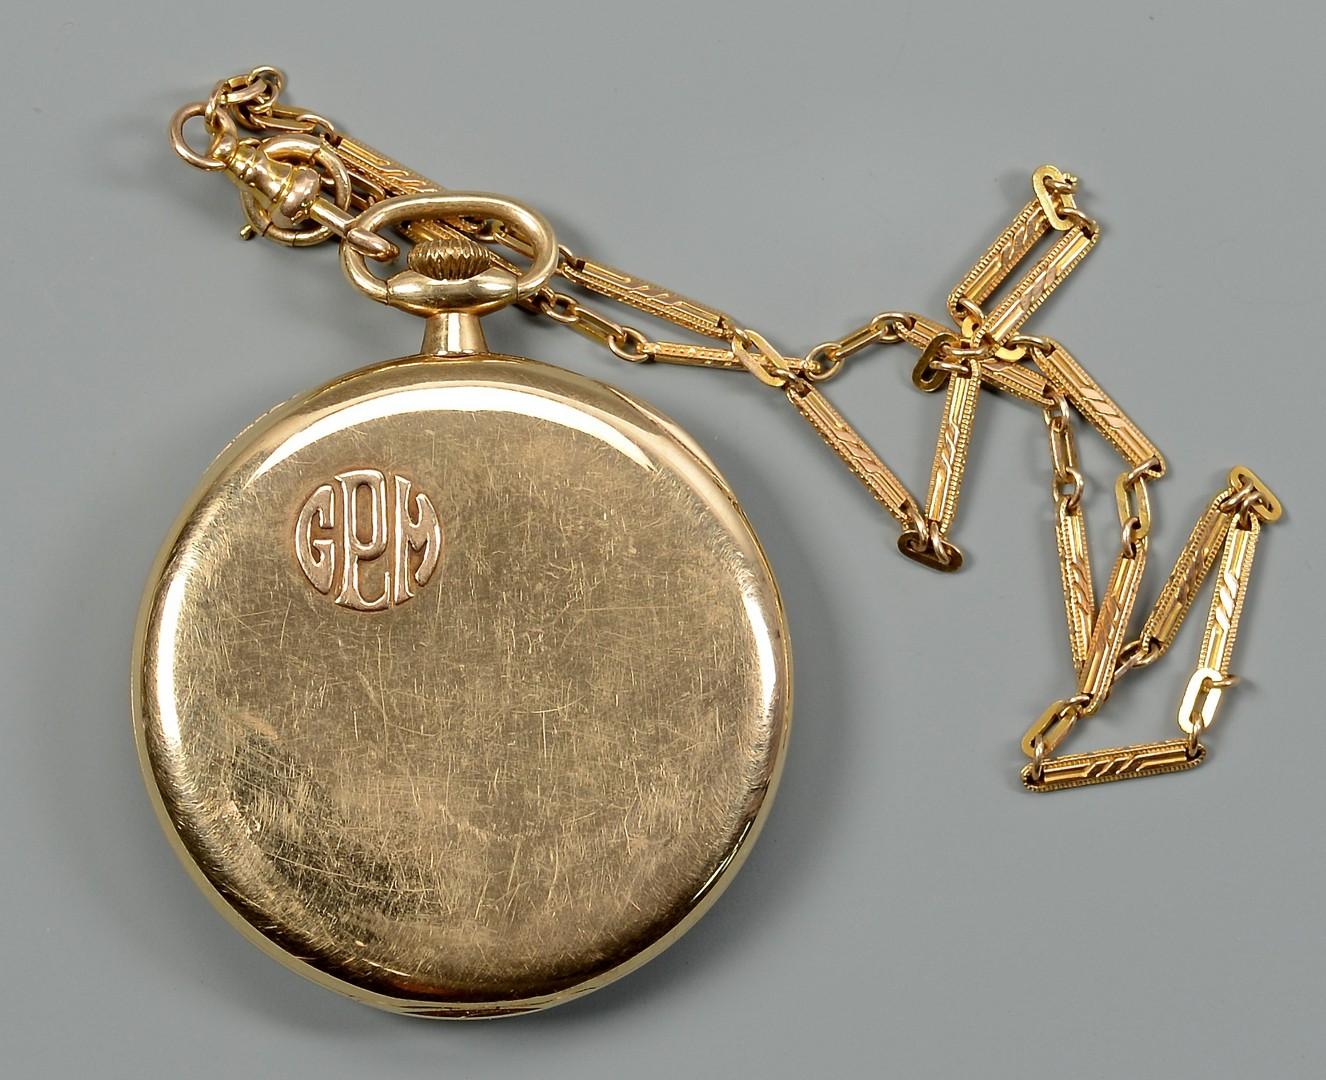 Lot 373: 2 Pocket Watches, 14K Waltham w/ 14K Chain, Enamel